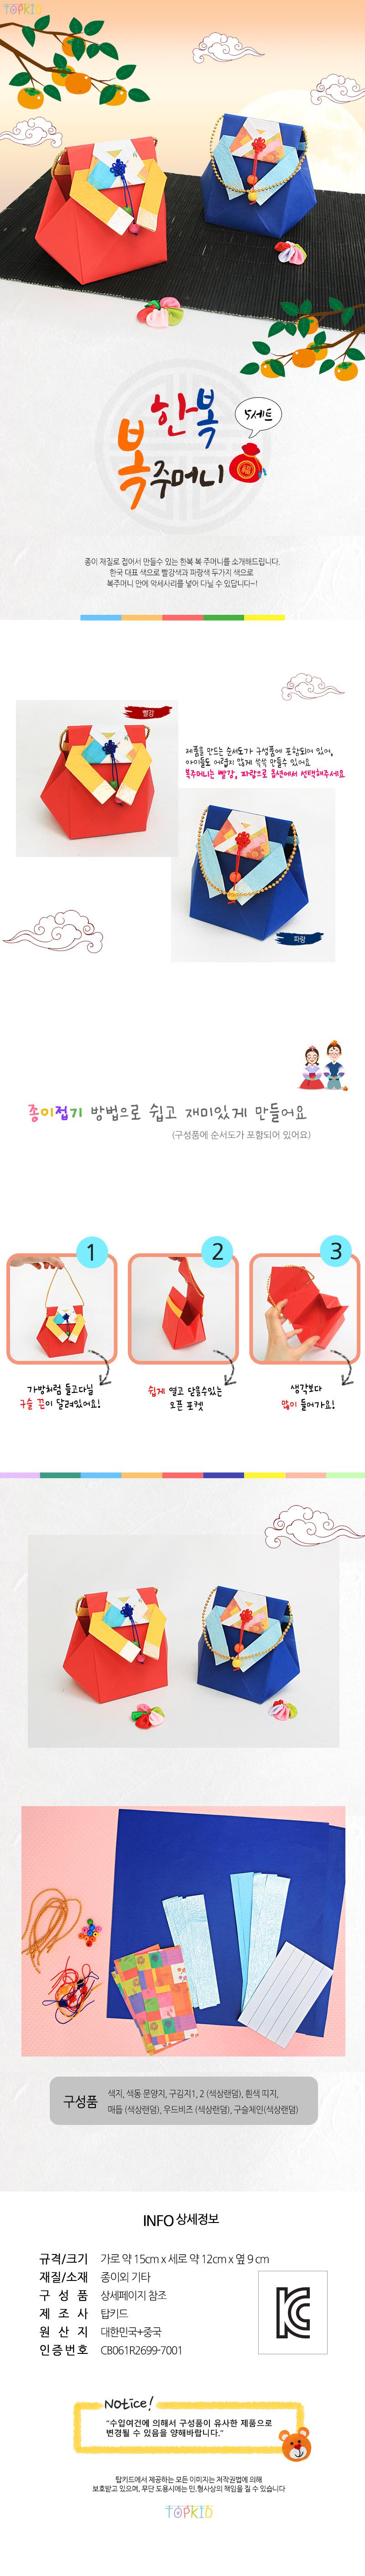 만들기세트 한복 복주머니(5set) - 하비파티, 7,500원, 종이공예/북아트, 종이공예 패키지